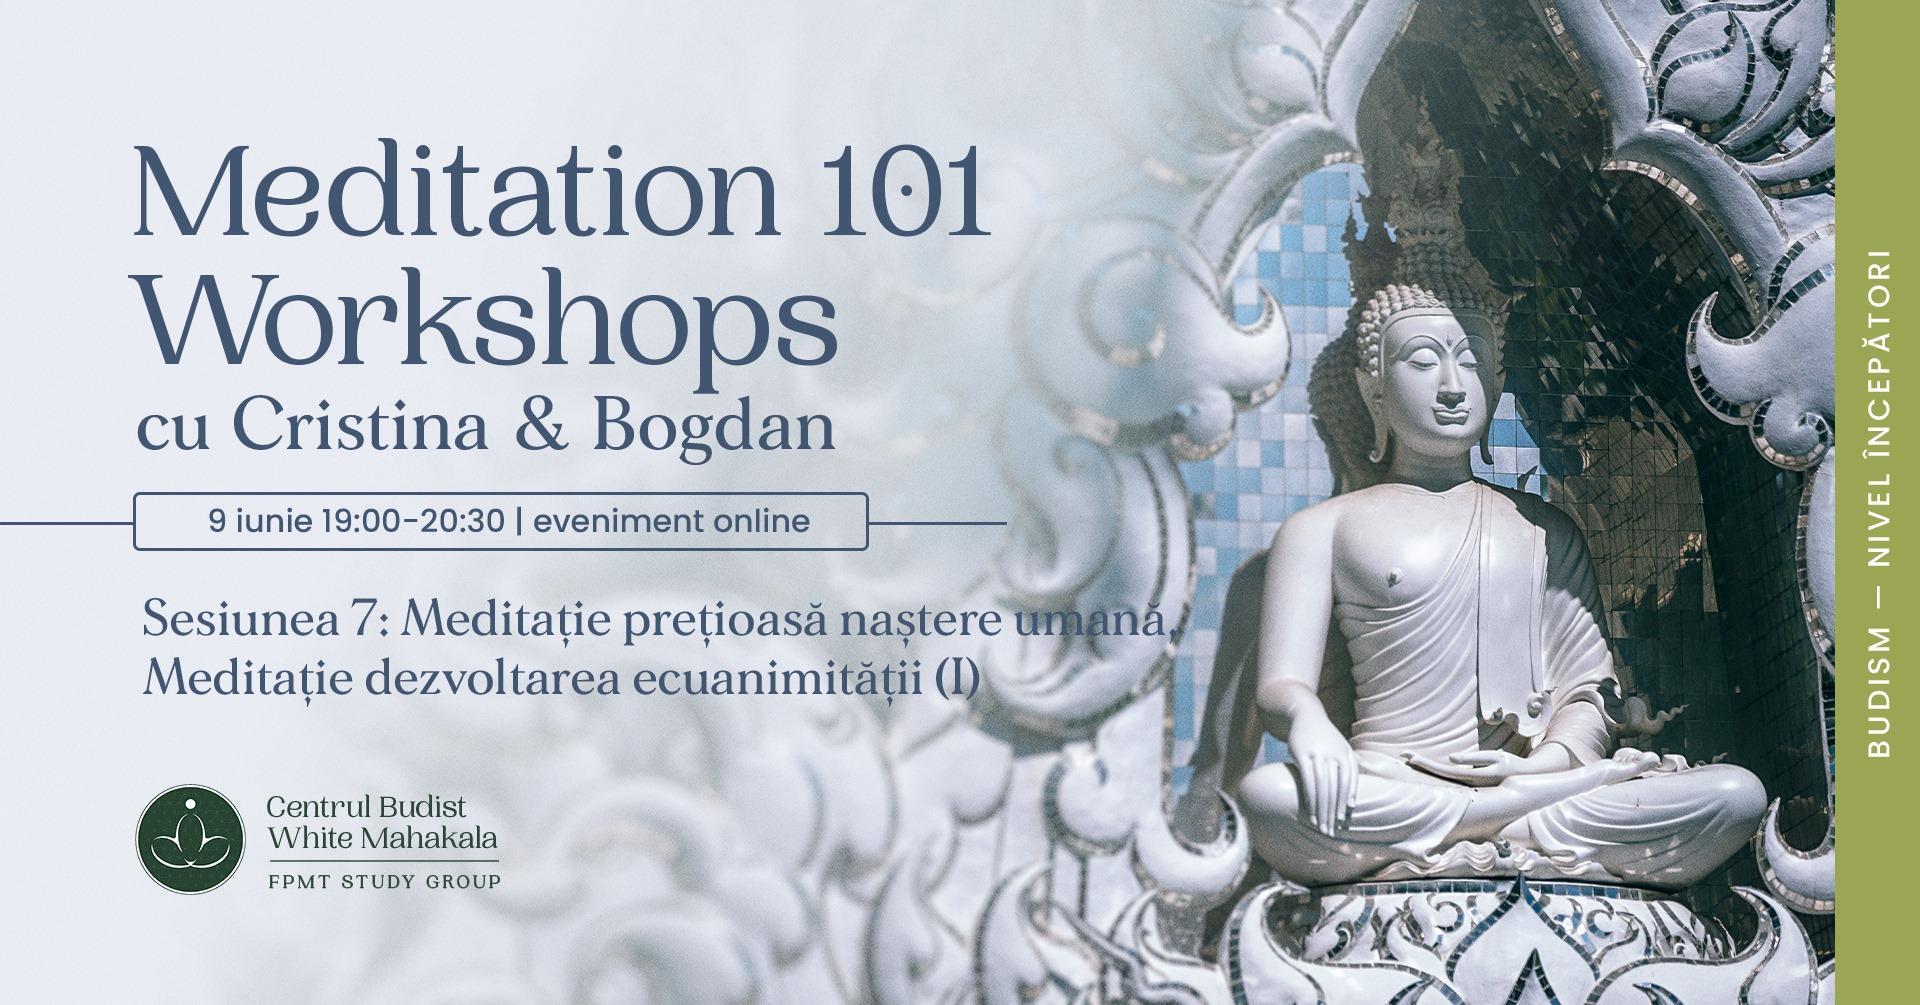 MEDITATION 101- Sesiunea 7: Meditatie pretioasa nastere umana/Meditatie dezvoltarea ecuanimitatii(I)